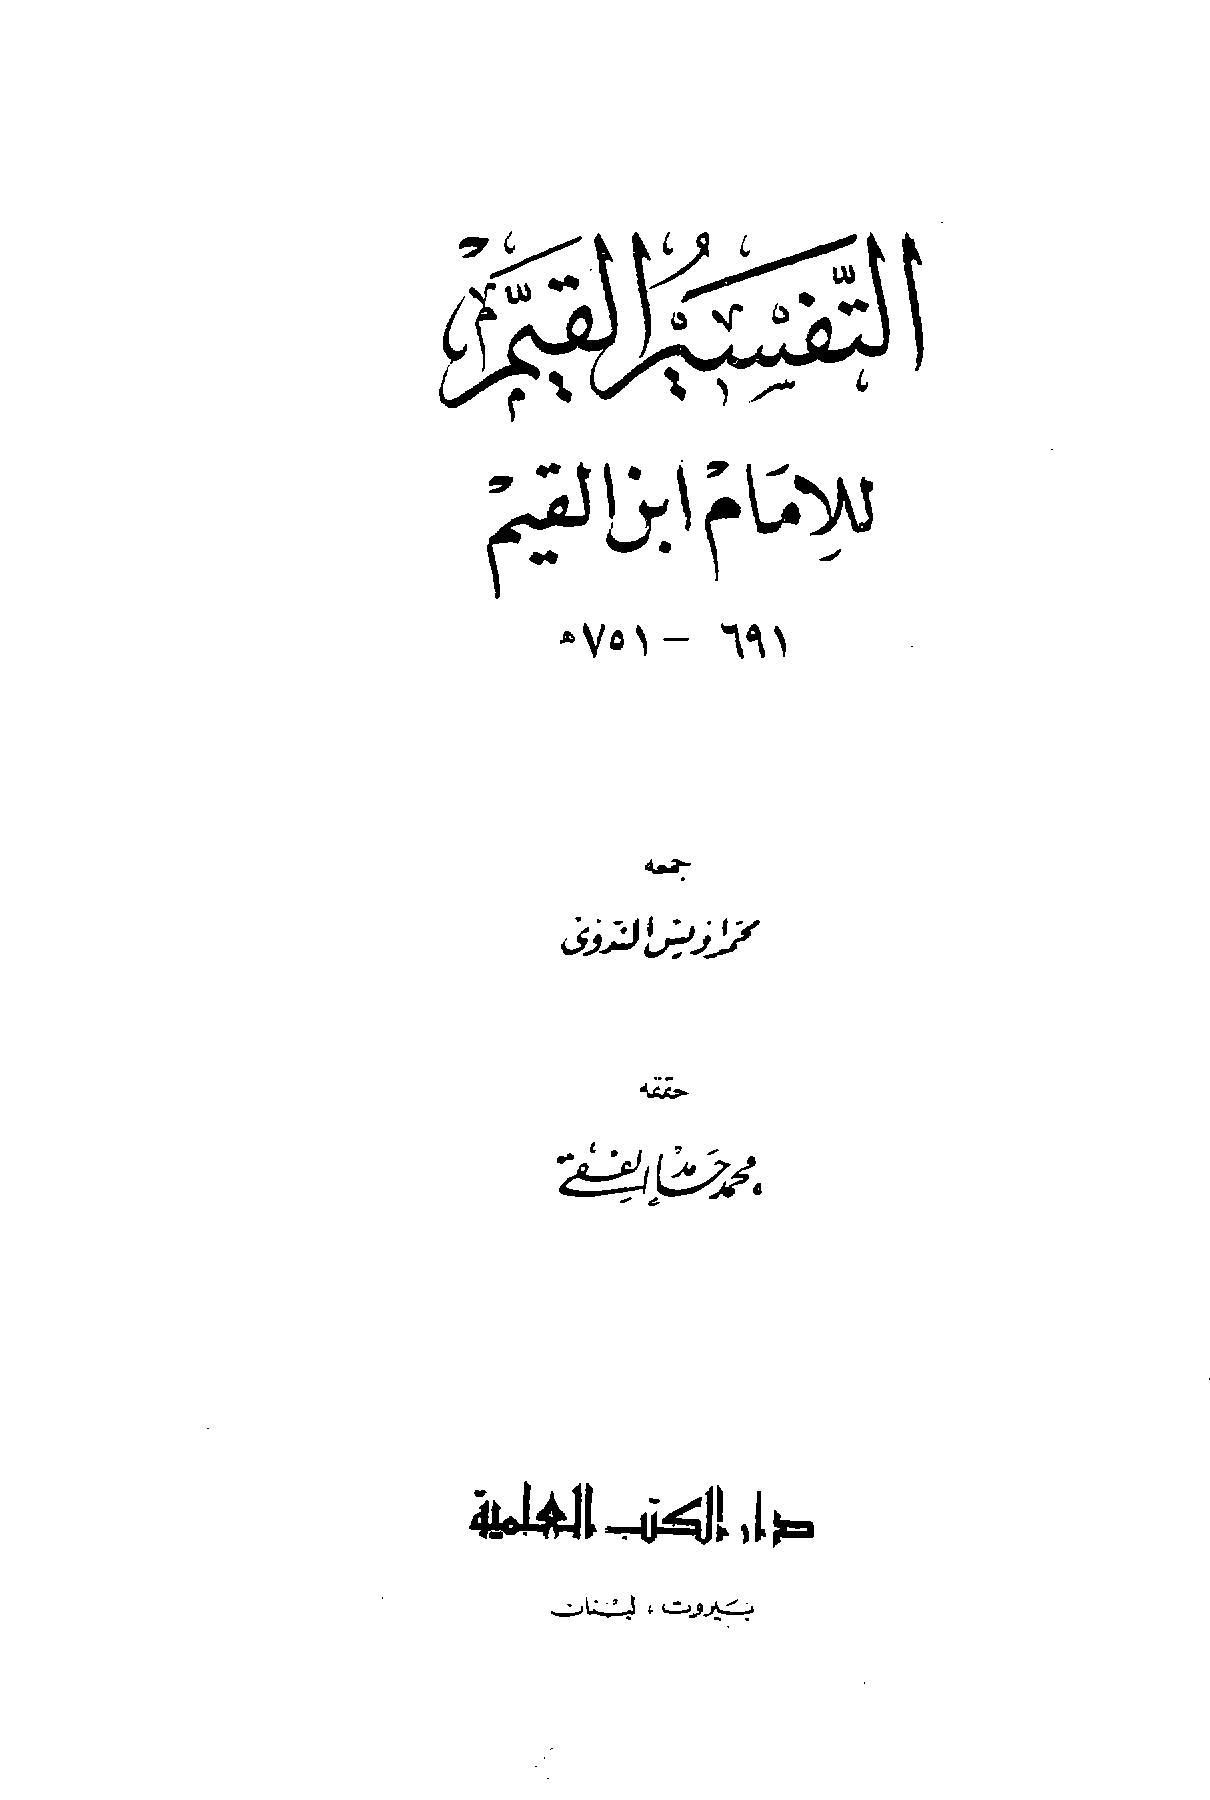 تحميل كتاب التفسير القيم للإمام ابن القيم لـِ: الشيخ محمد أويس الندوي